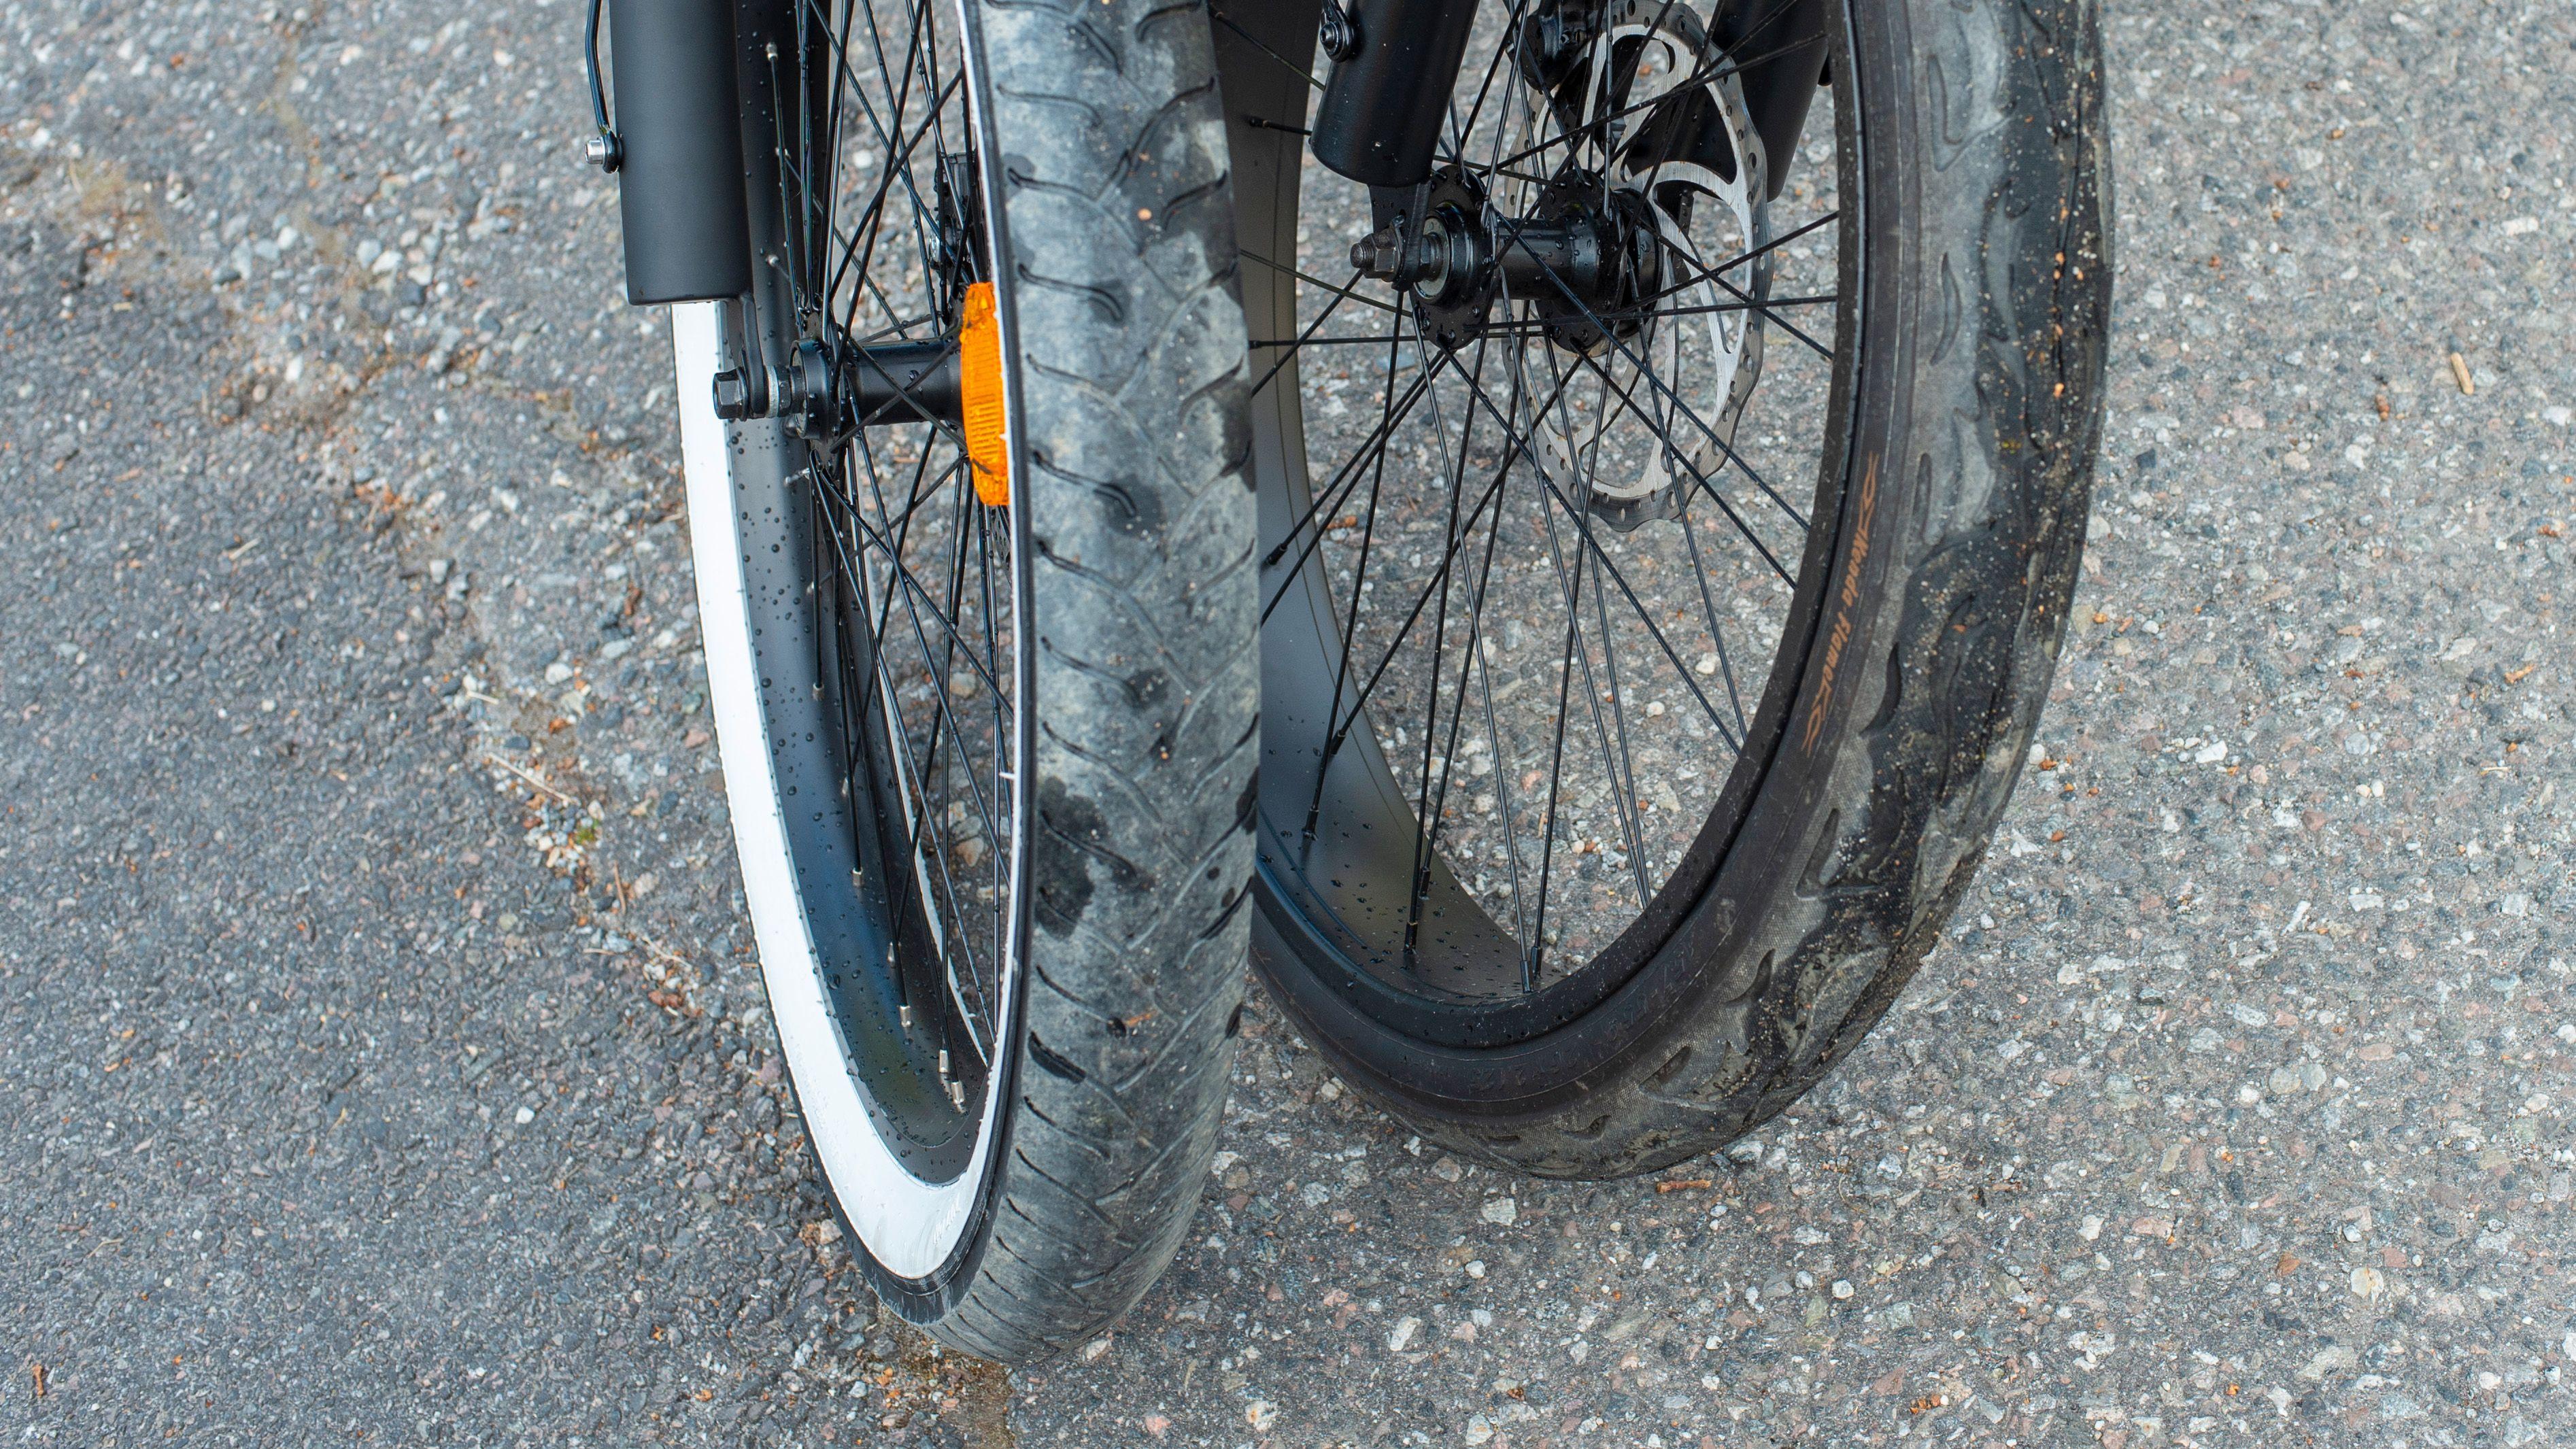 Dekkene på disse syklene er store, og det kommer godt med når resten av sykkelen ikke har noe demping.